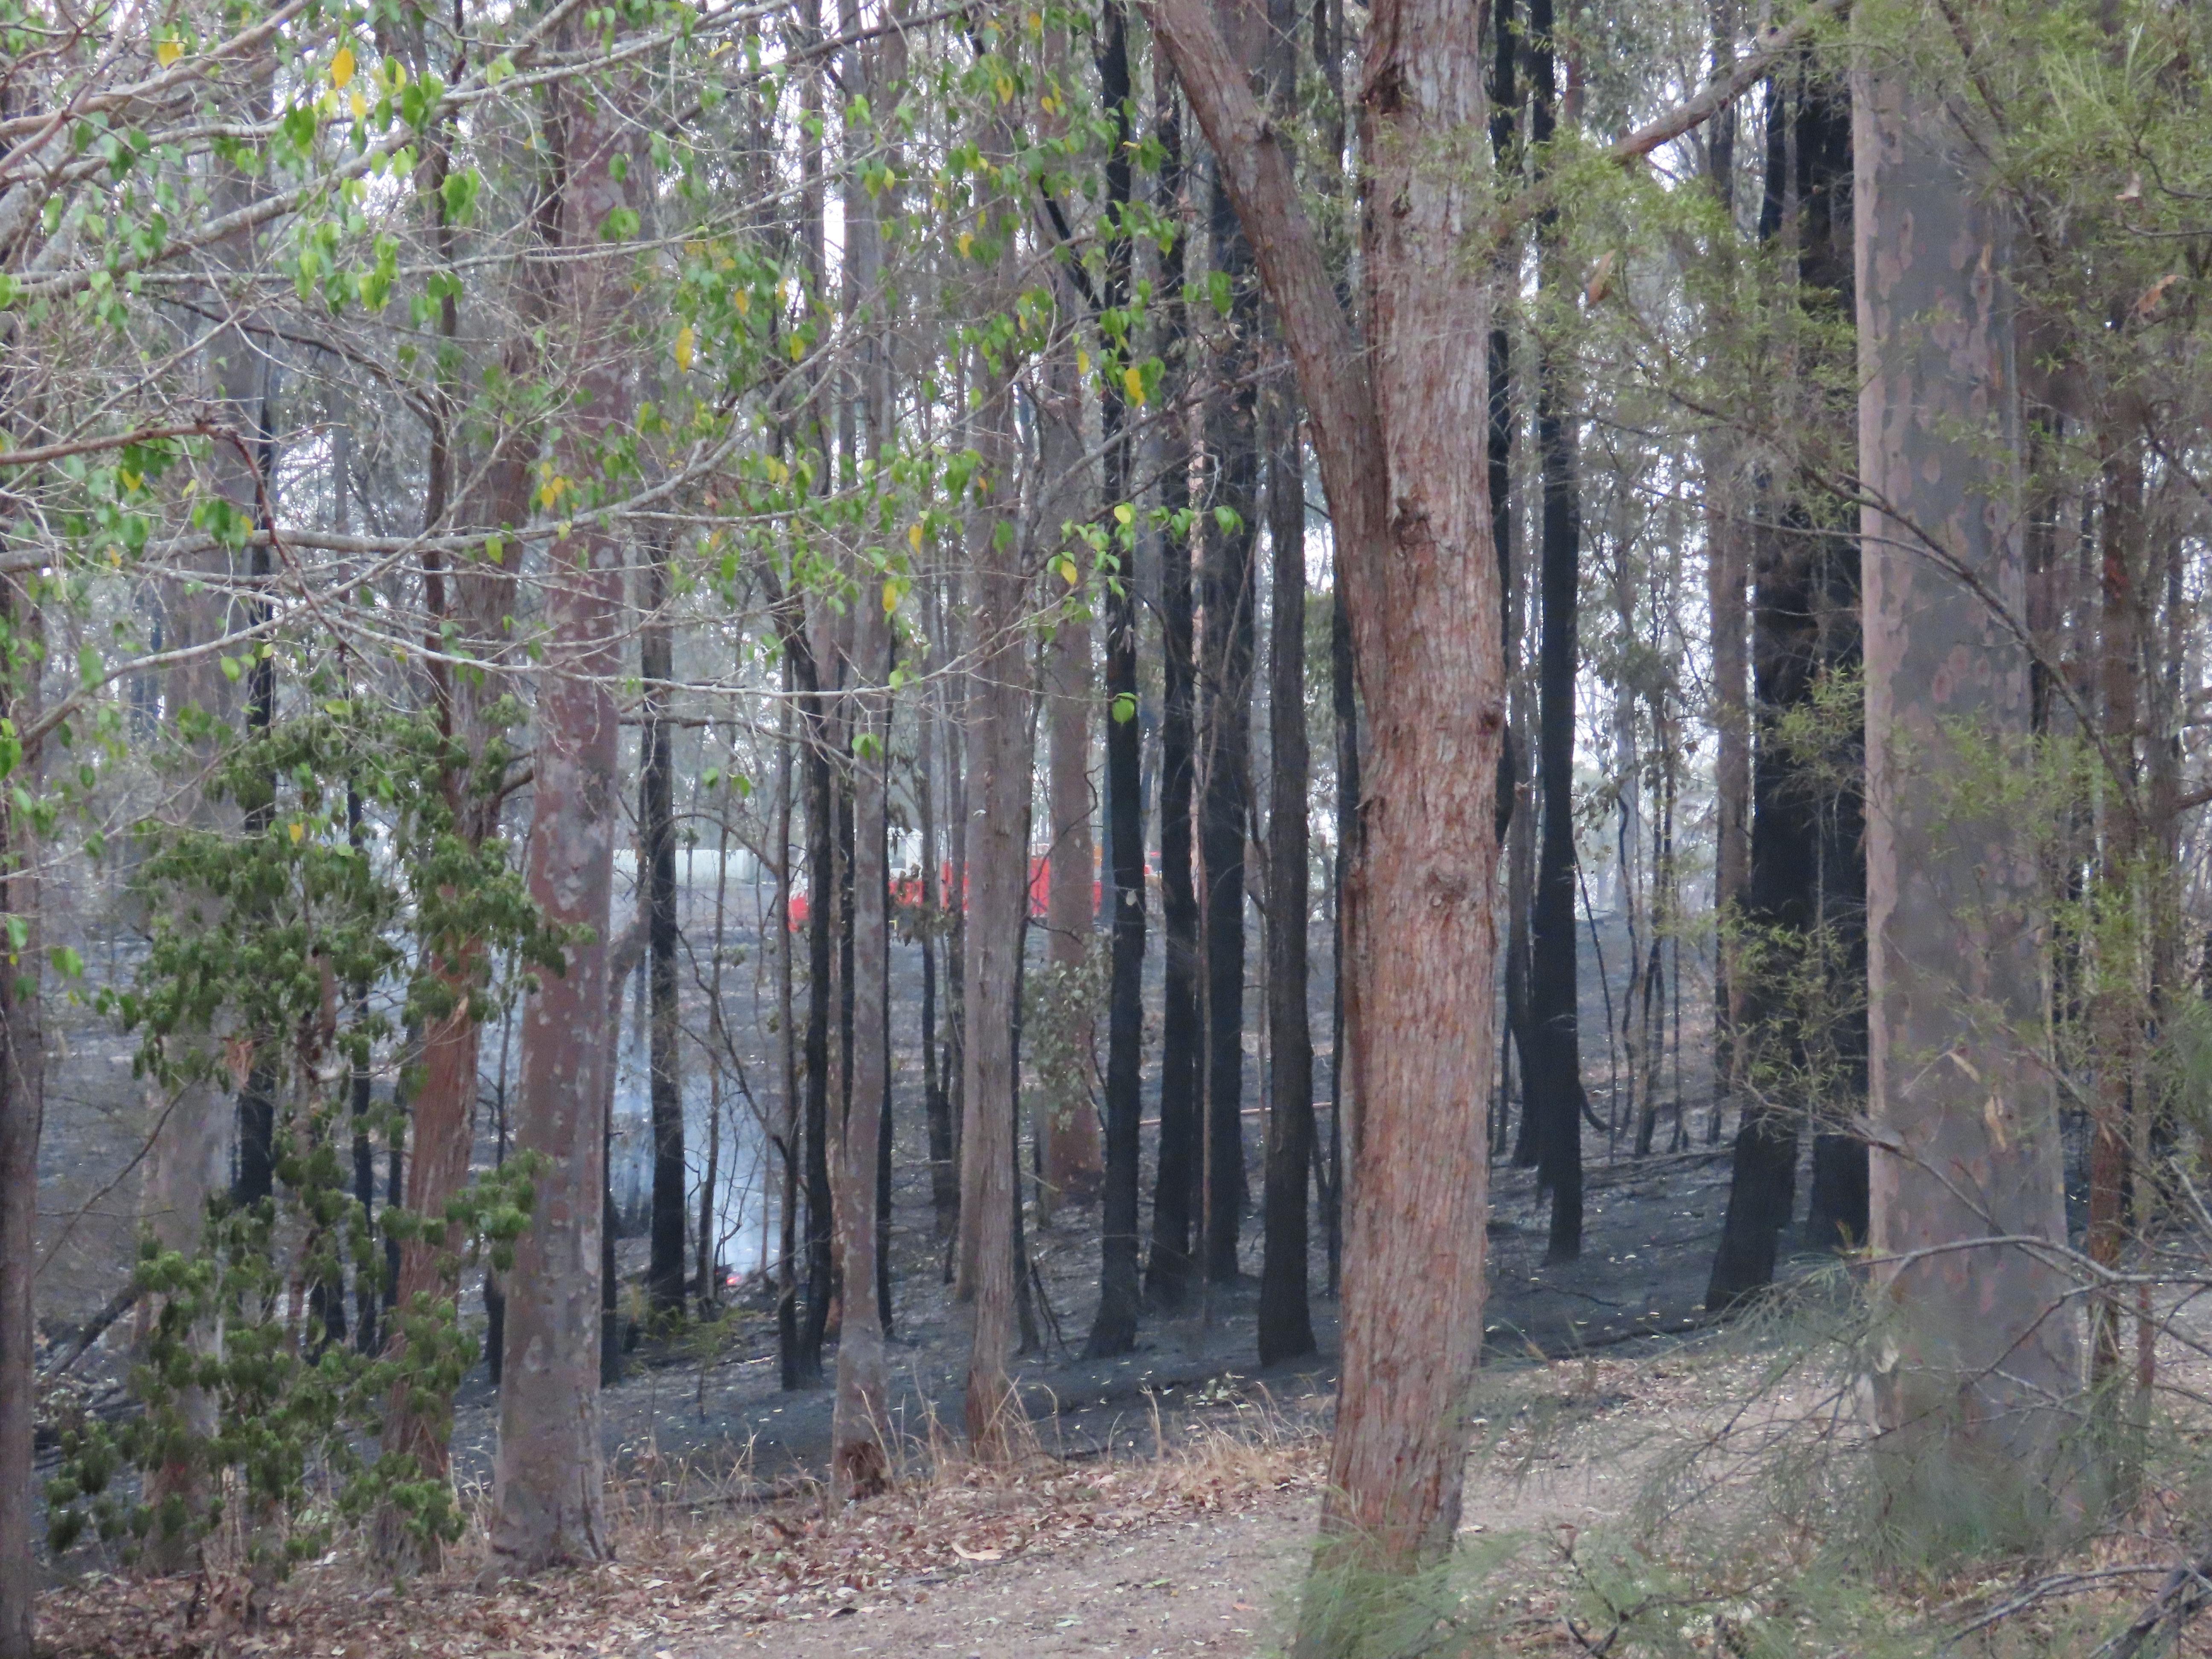 fire truck_trees_durranbah_blog_fire_post_dec 2019